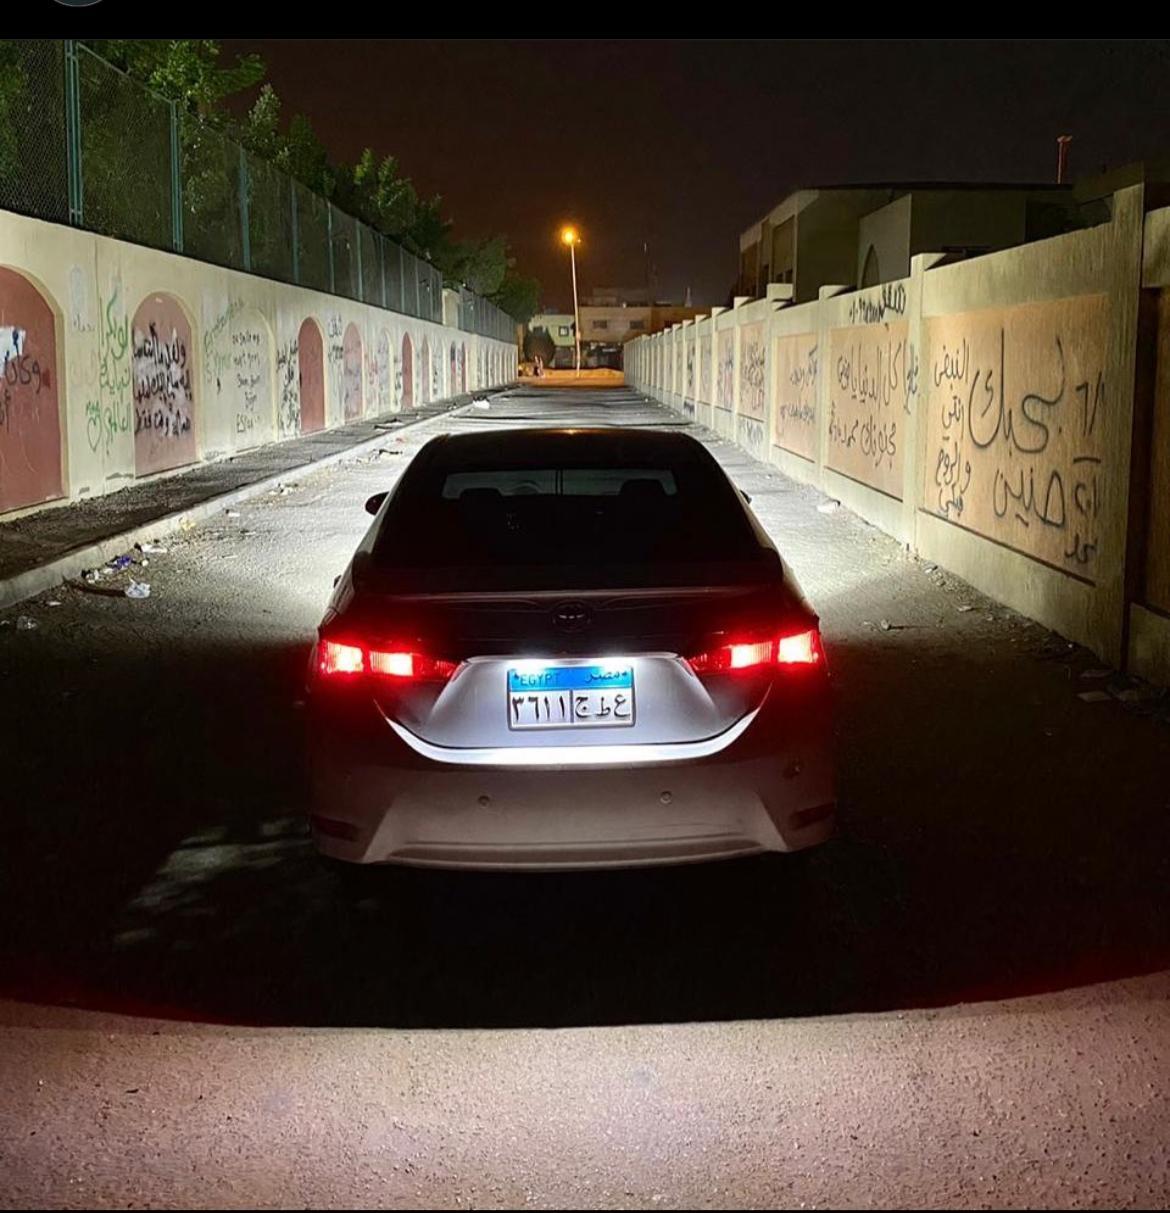 مؤسسه هشام لإناره الليد للسيارات شركه بروماكس تقنيه المانية 0565521979 P_1785o2dxl2